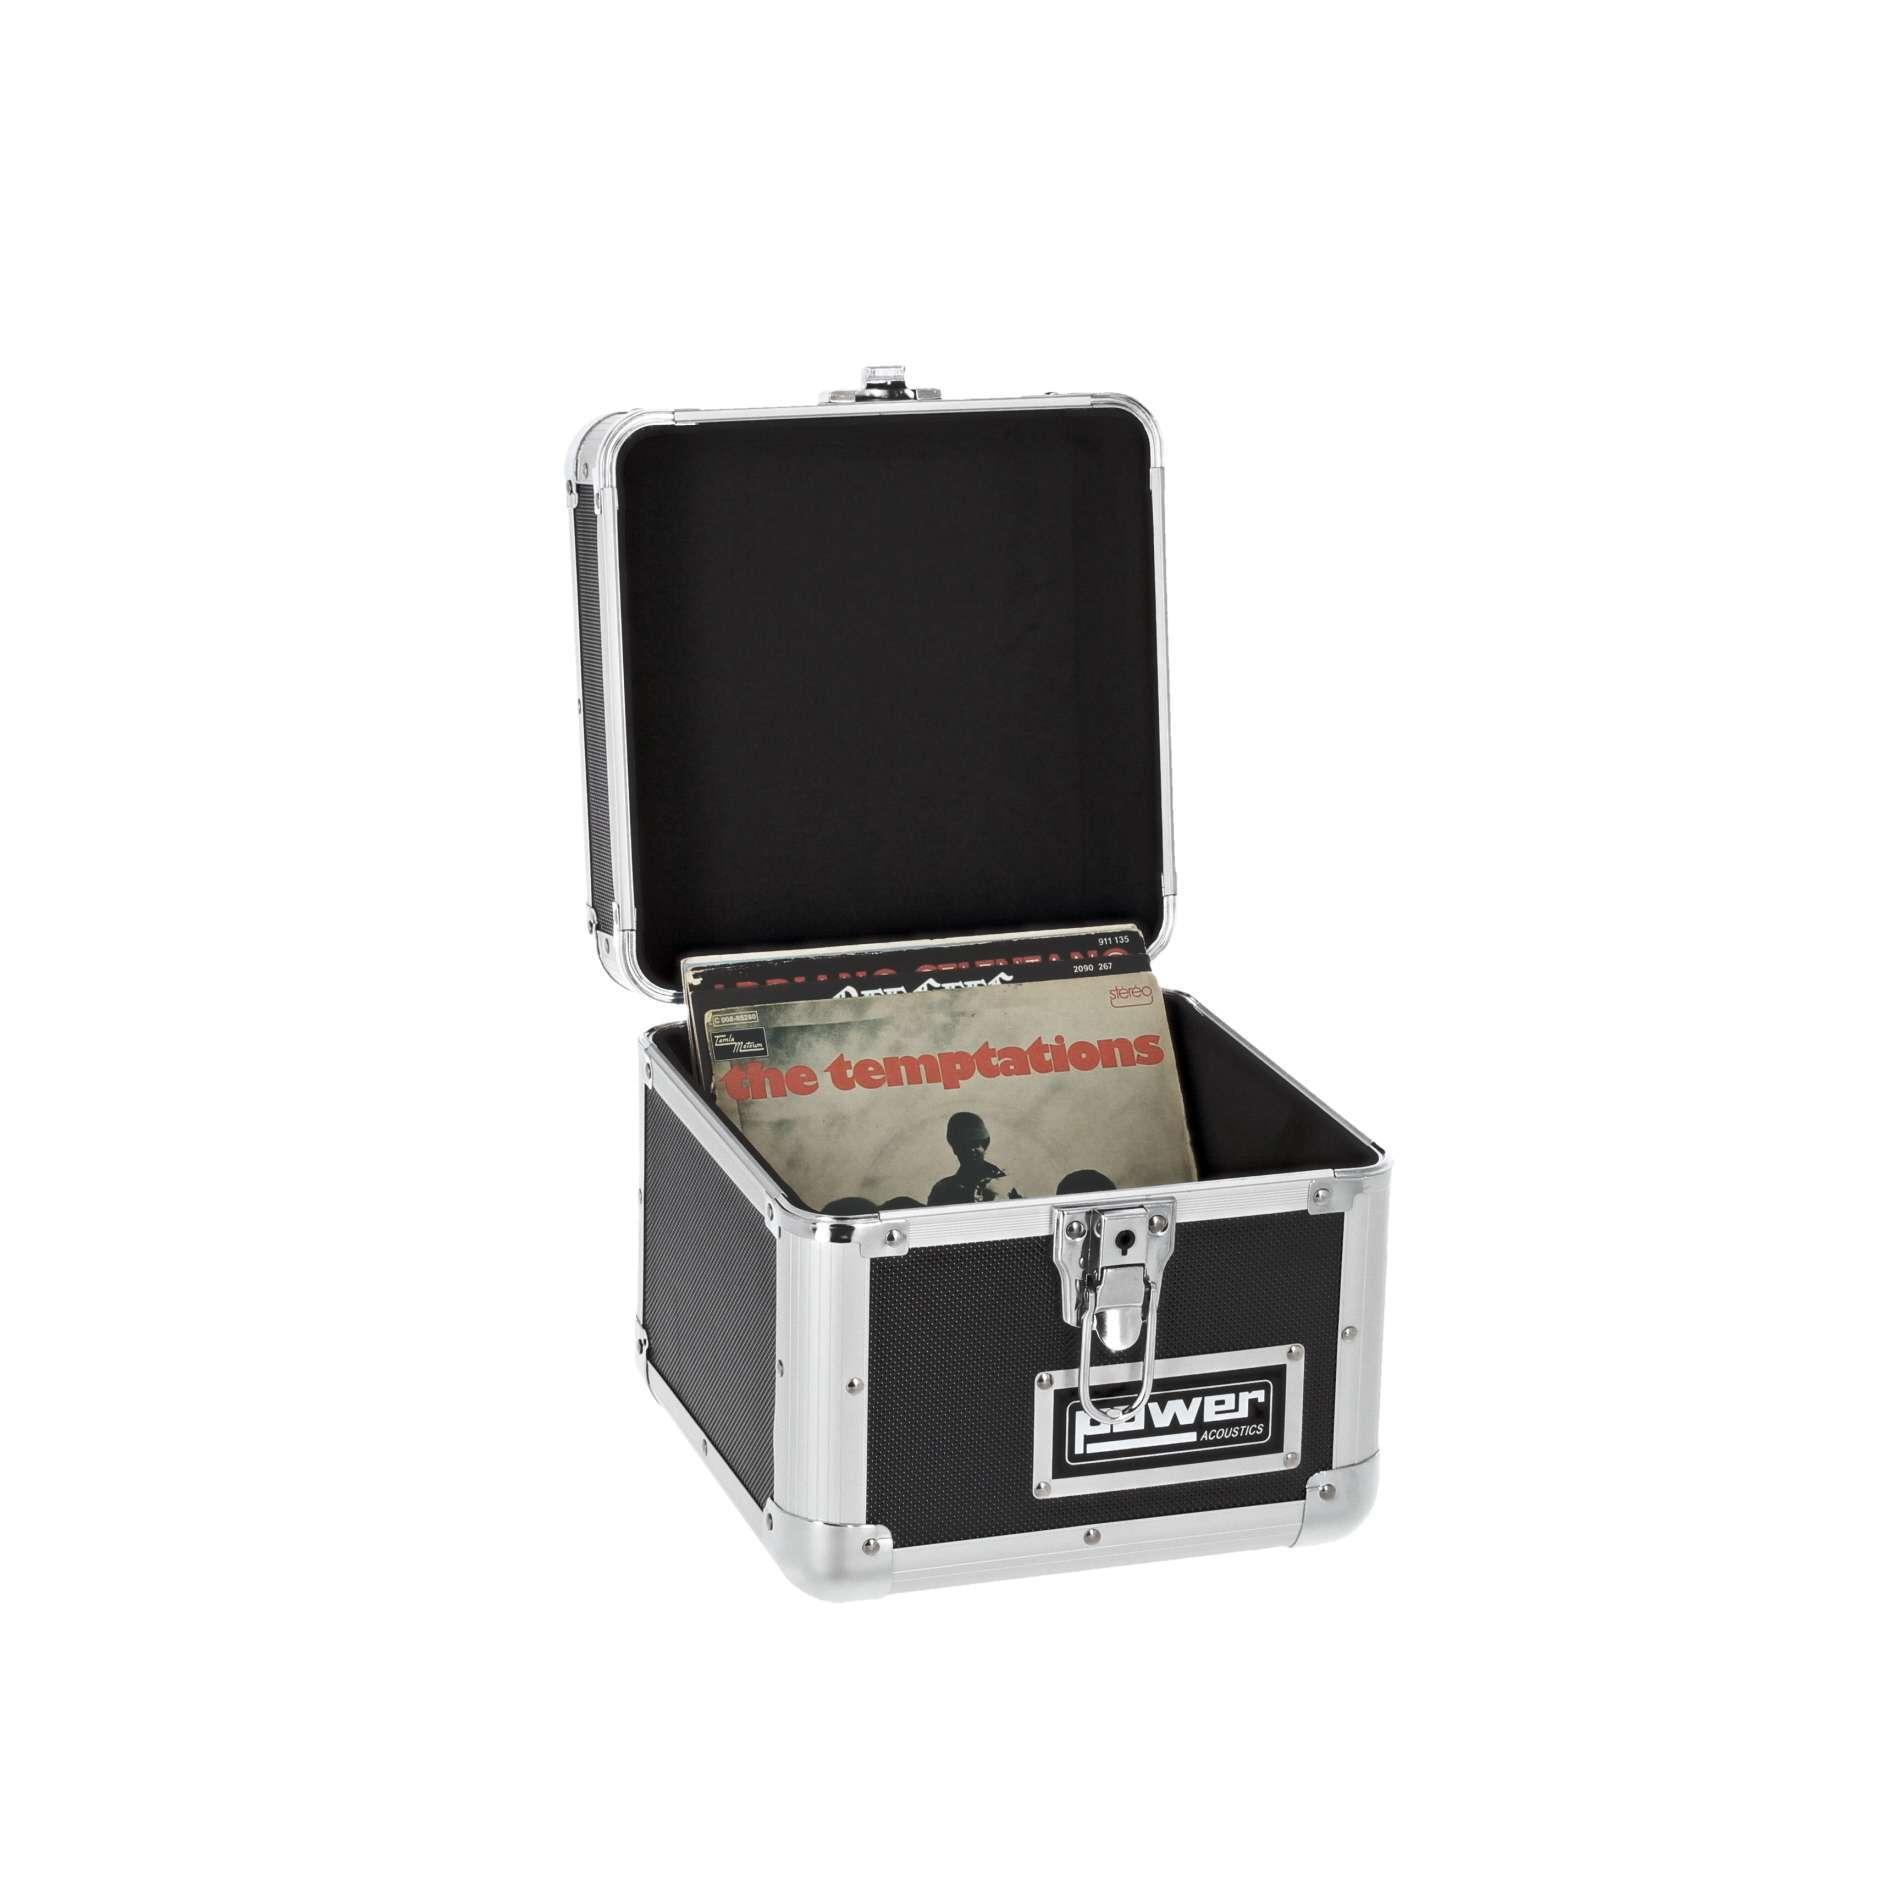 Rangement Vinyl 45 Tours fl rcase 45-60bl-valise pour rangement 60 vinyles 45t-power